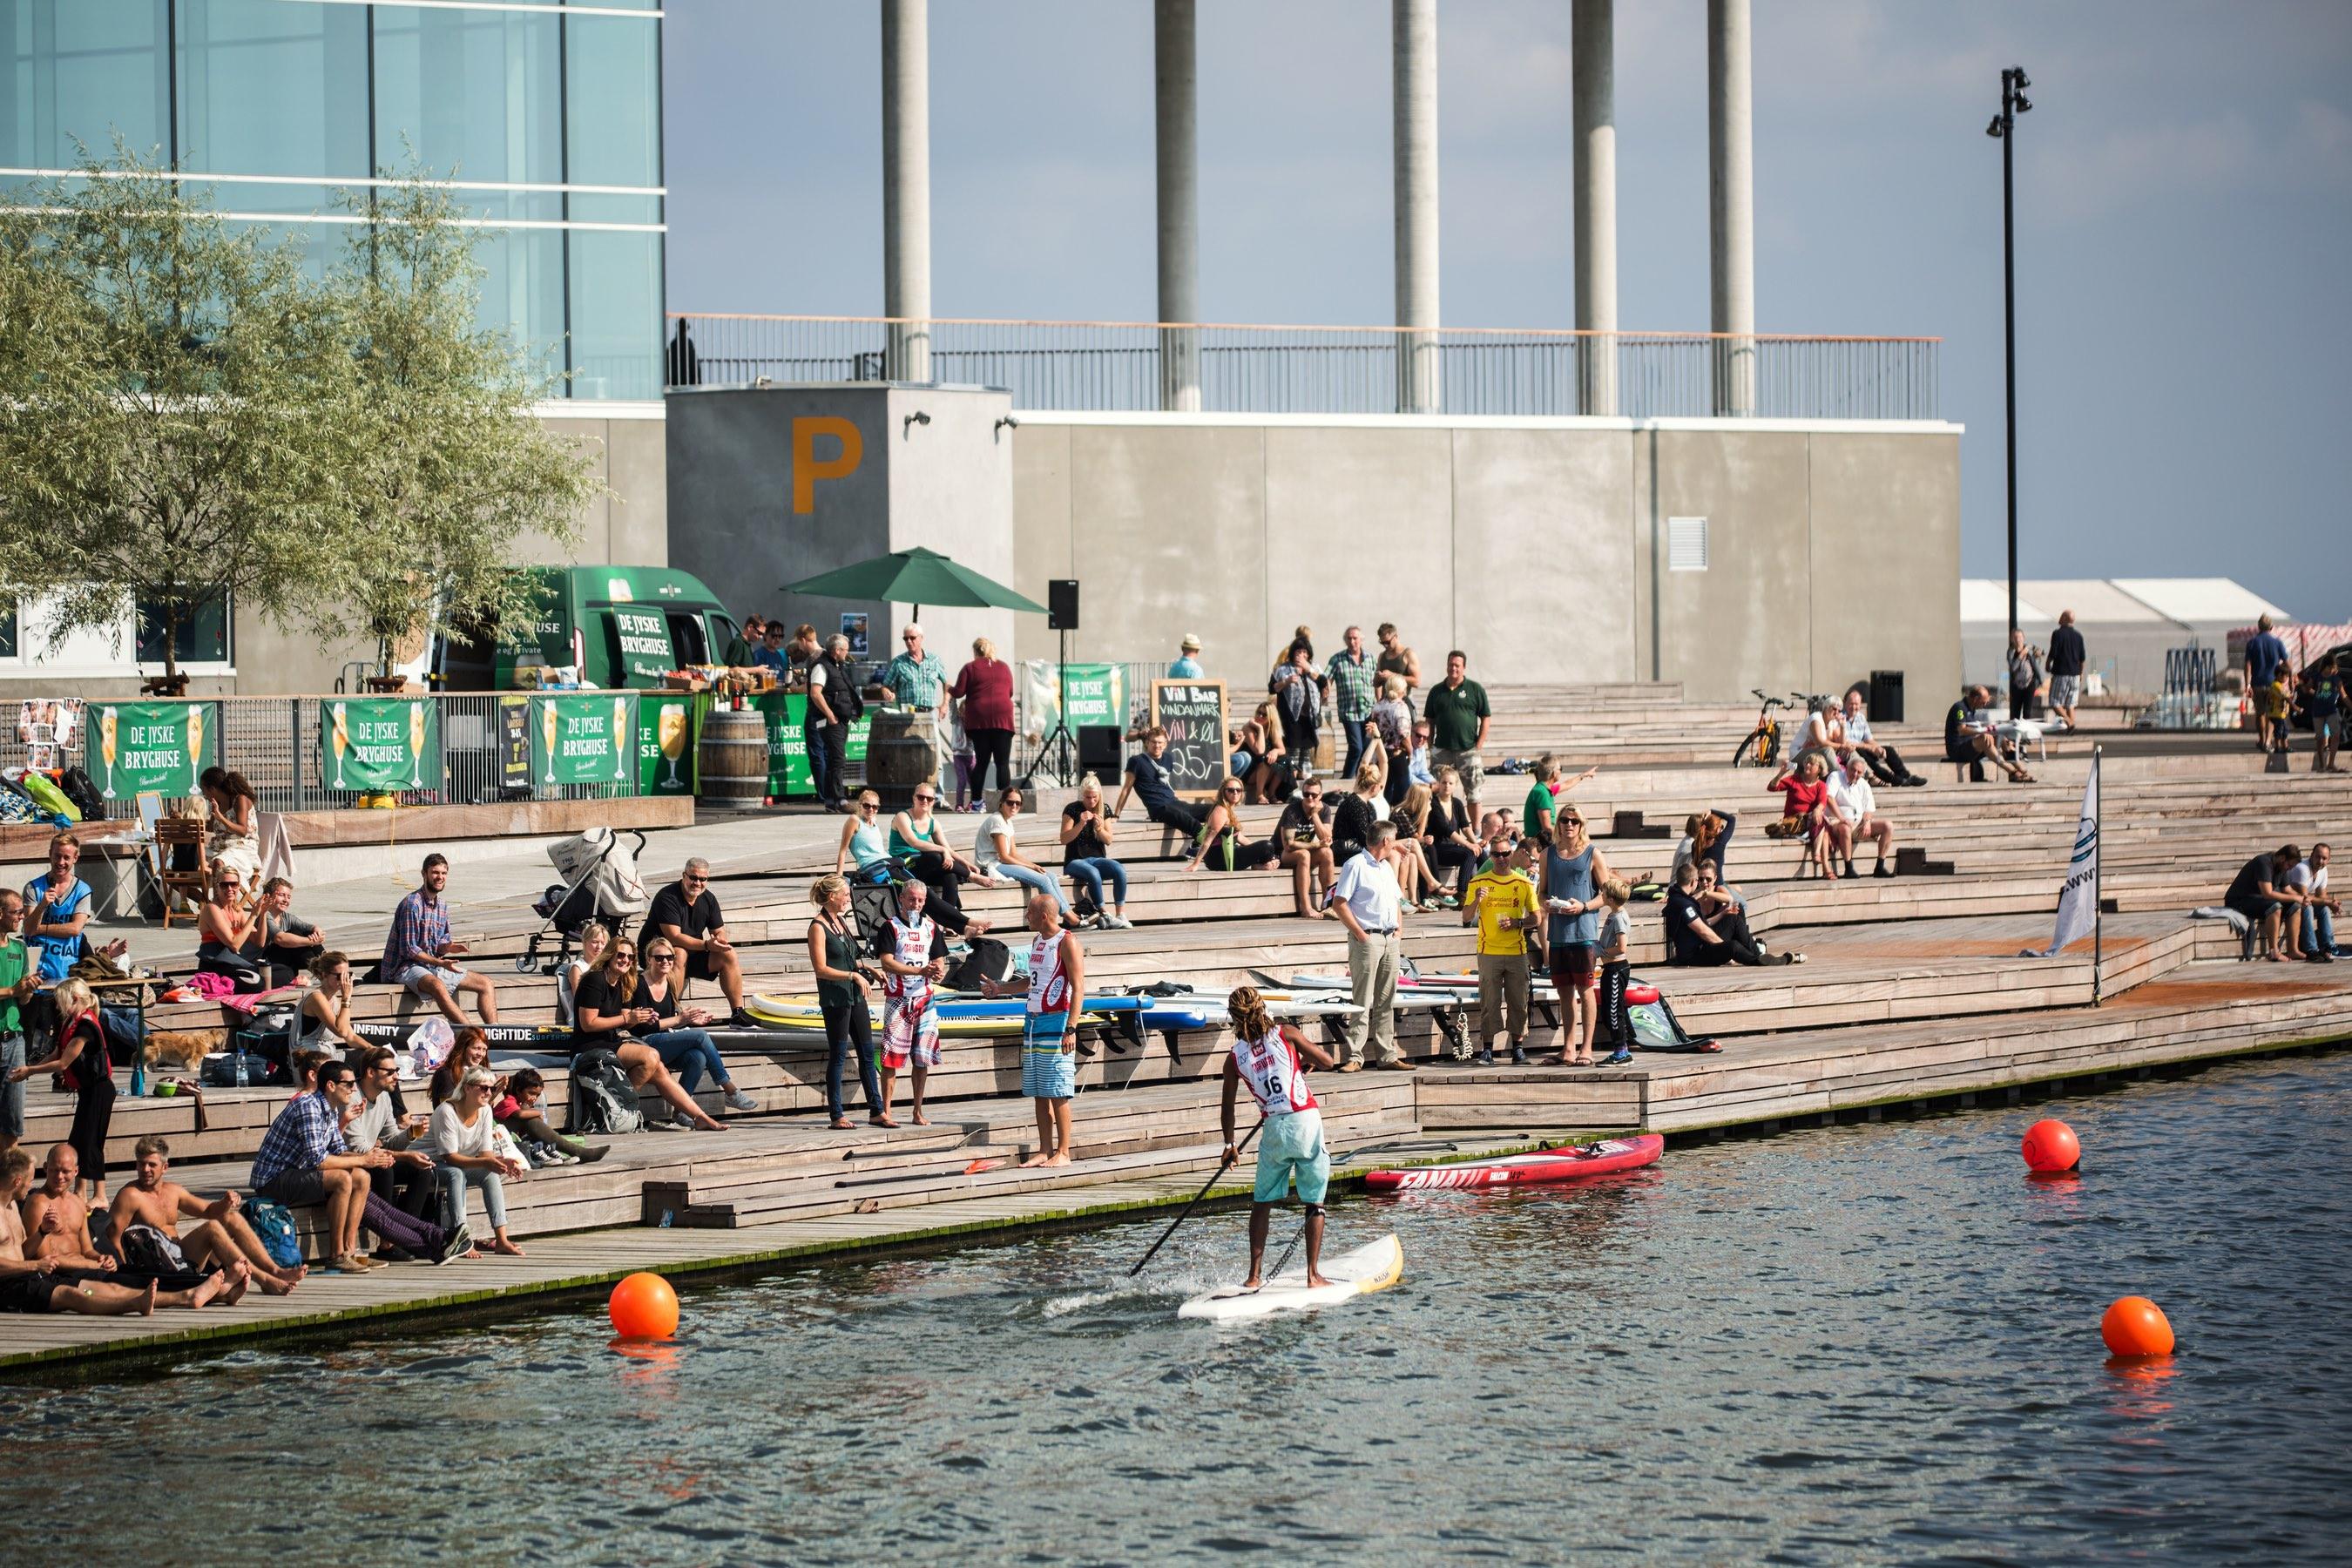 Aarhus ser stort vækstpotentiale i turister, fordelt på danske og udenlandske samt også en kraftig stigning af møde- og konferencegæster. Foto: VisitAarhus.